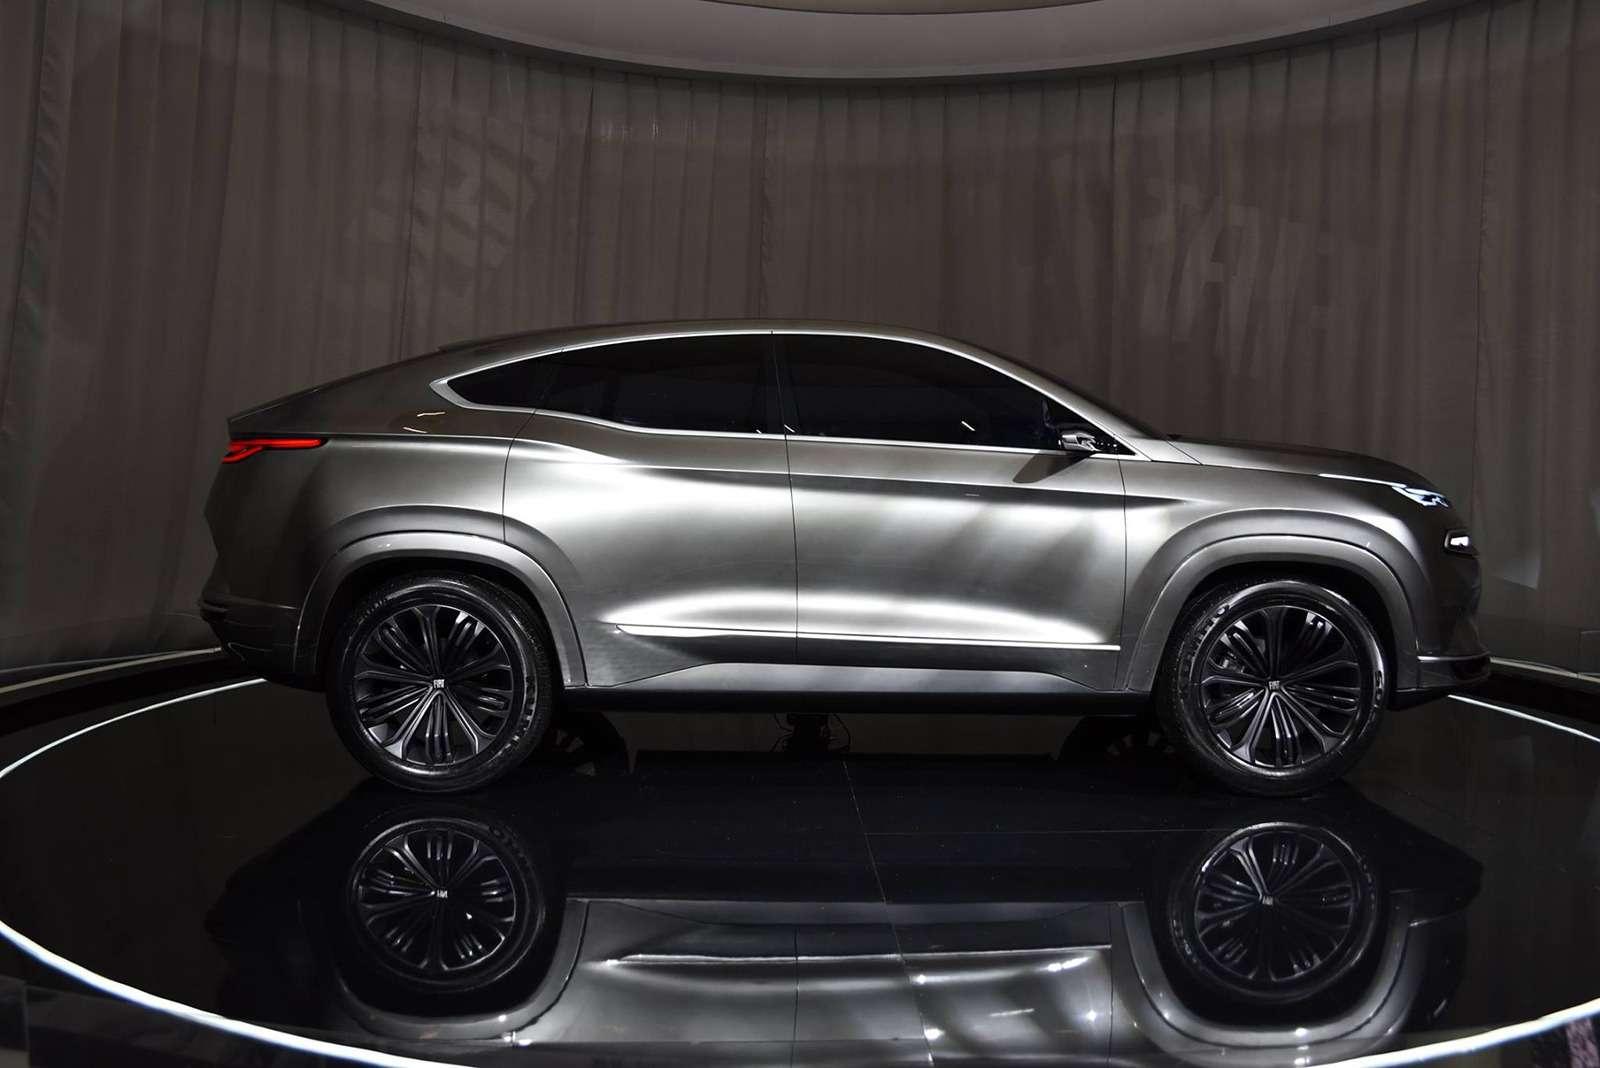 Fiat показал купе-кроссовер. Это будущий конкурент Renault Arkana!— фото 920721